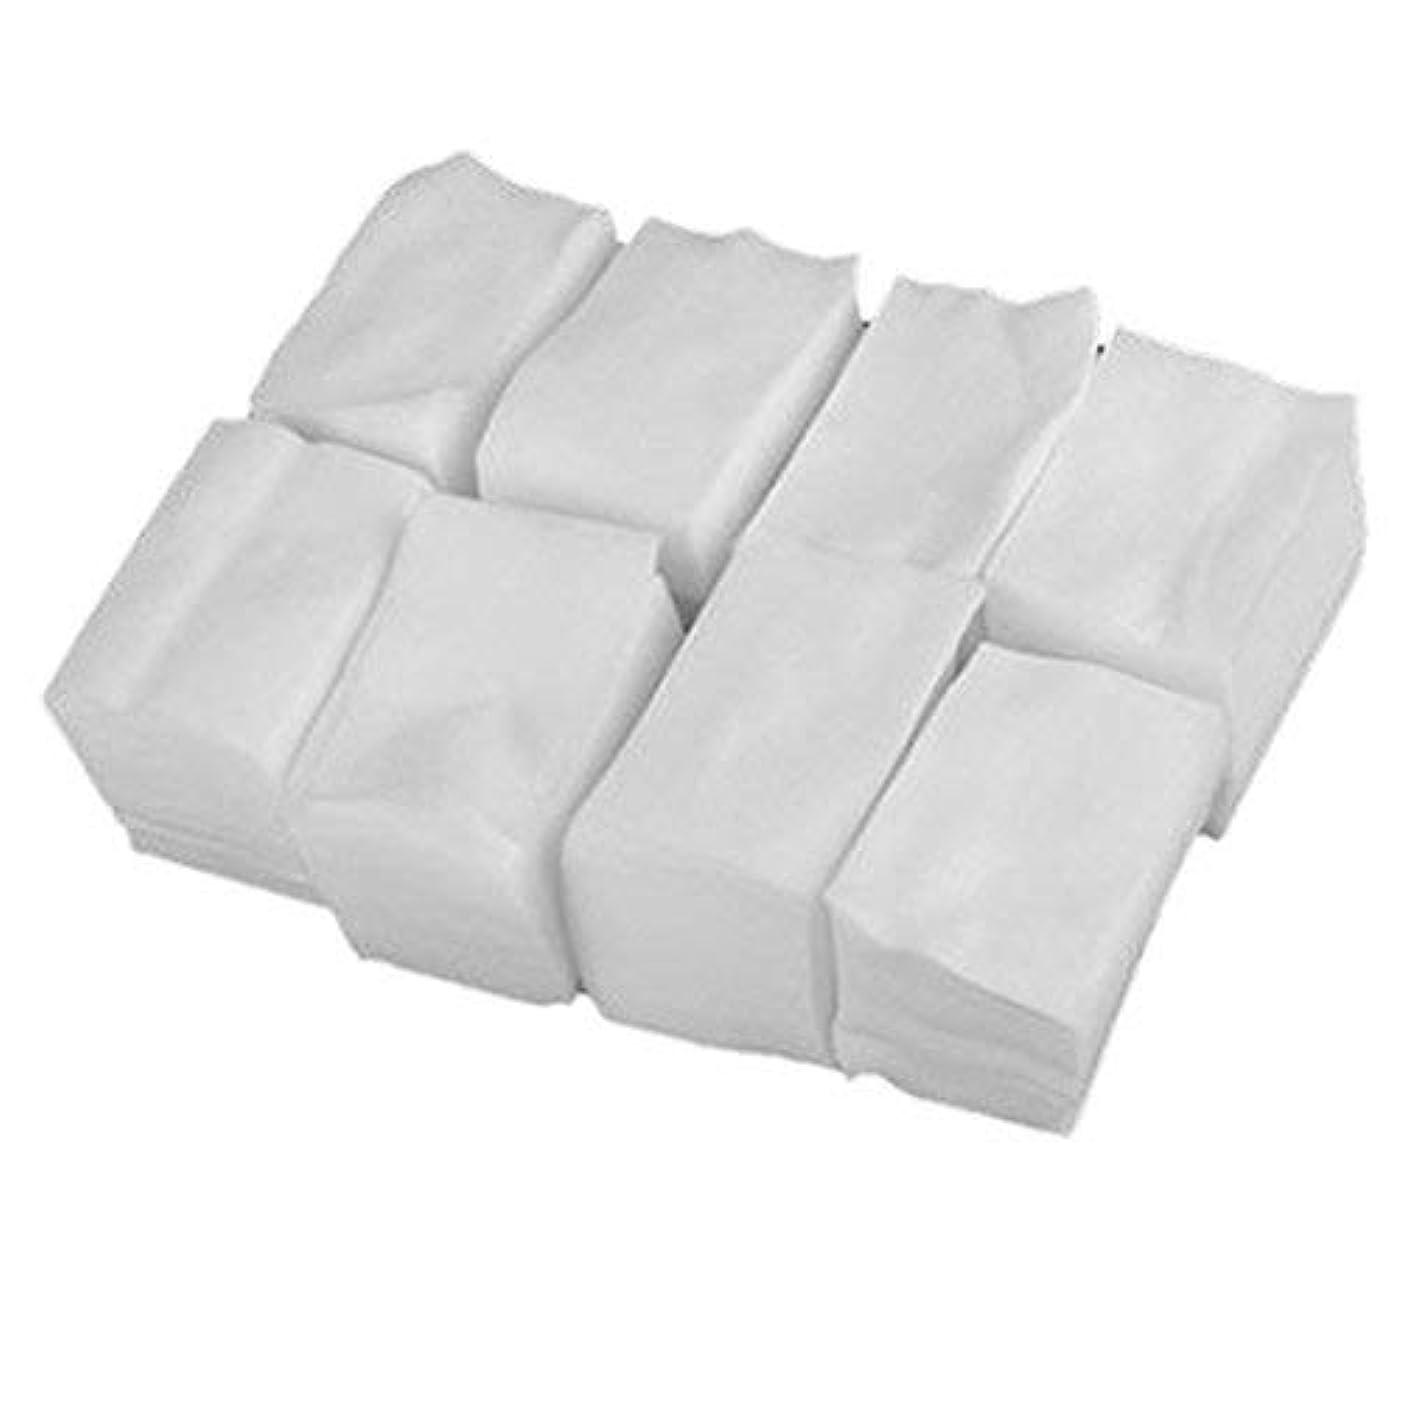 1st market プレミアム 人気 900x白いリントフリーネイルアート ワイプ紙パッド ゲルアクリルのヒント ポリッシュリムーバークリーナー(6cm x 5cm) 便利